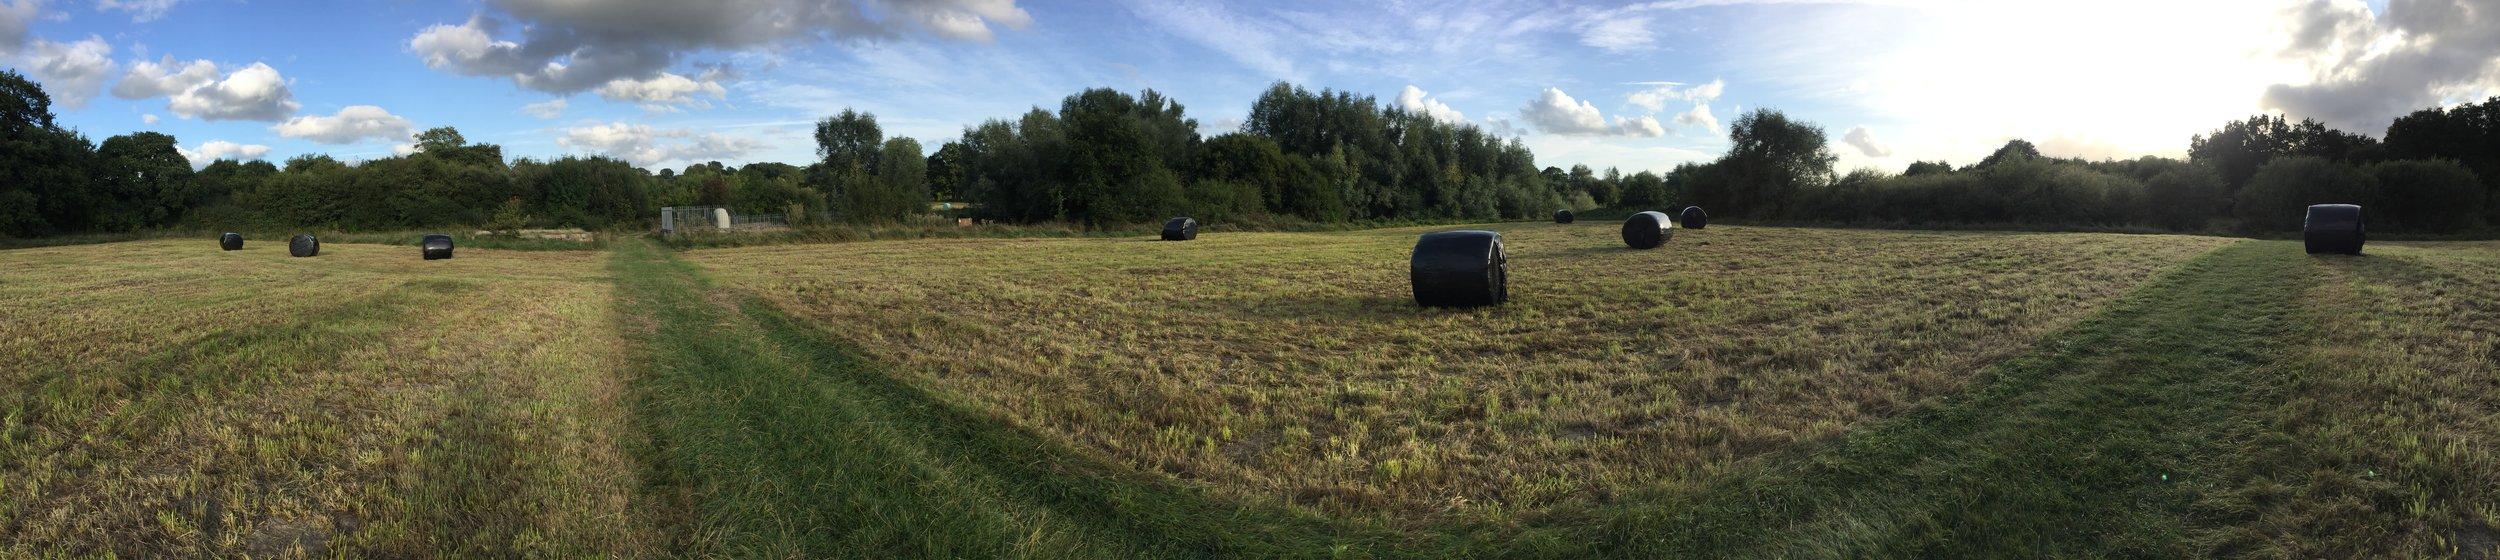 Llandegfedd Wild Flower Meadow Hay Cut